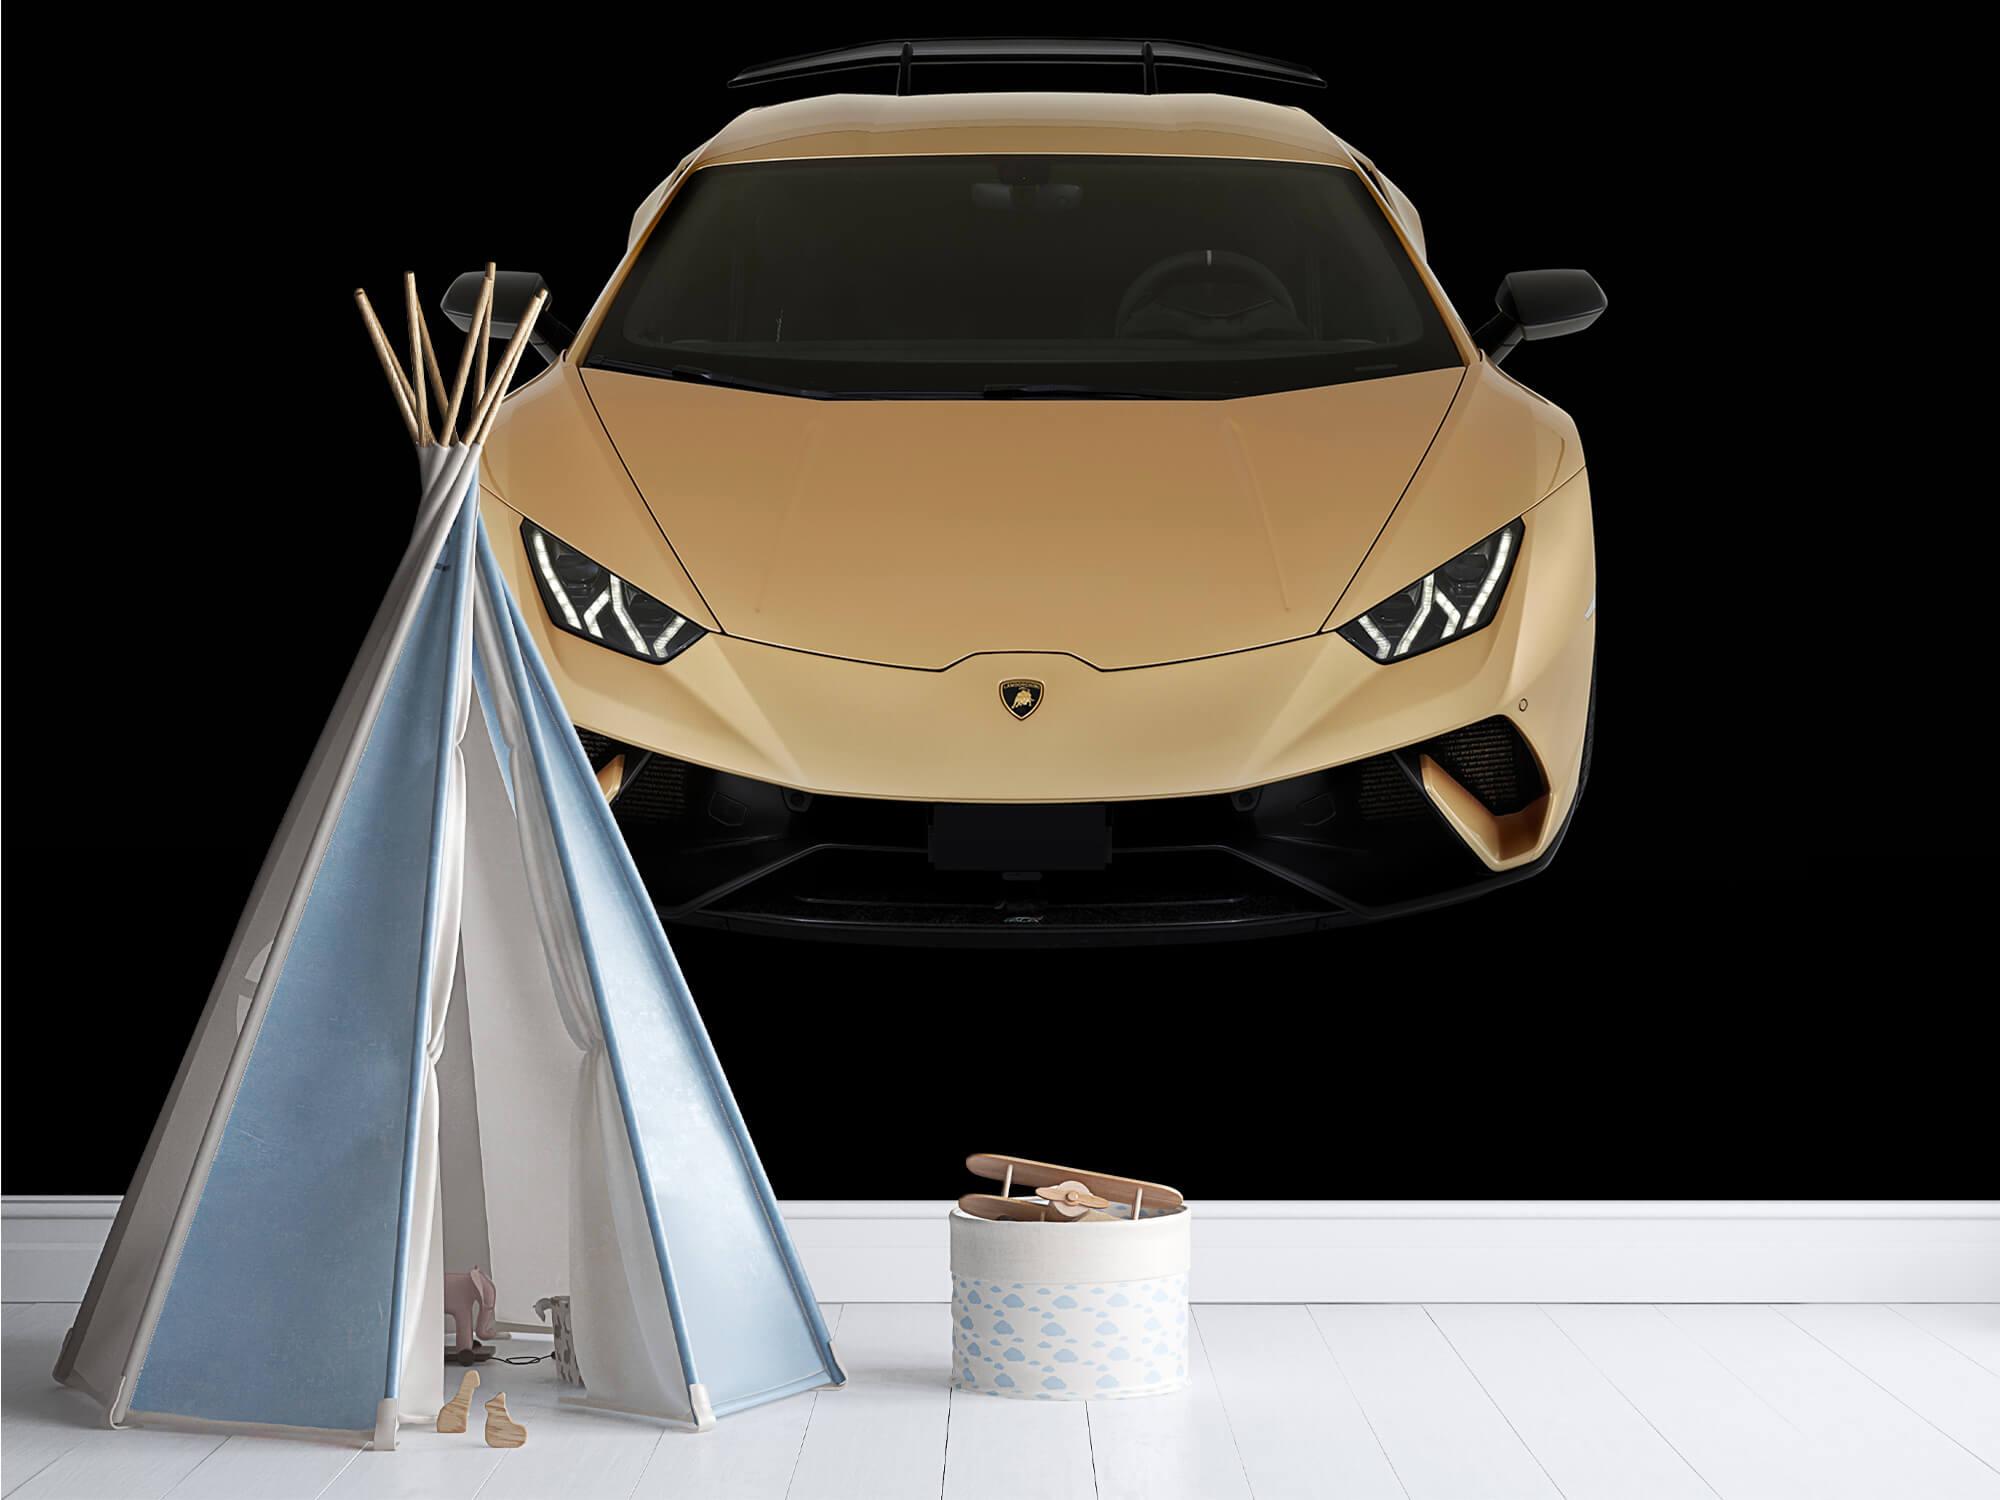 Wallpaper Lamborghini Huracán - Framifrån uppifrån, svart 1